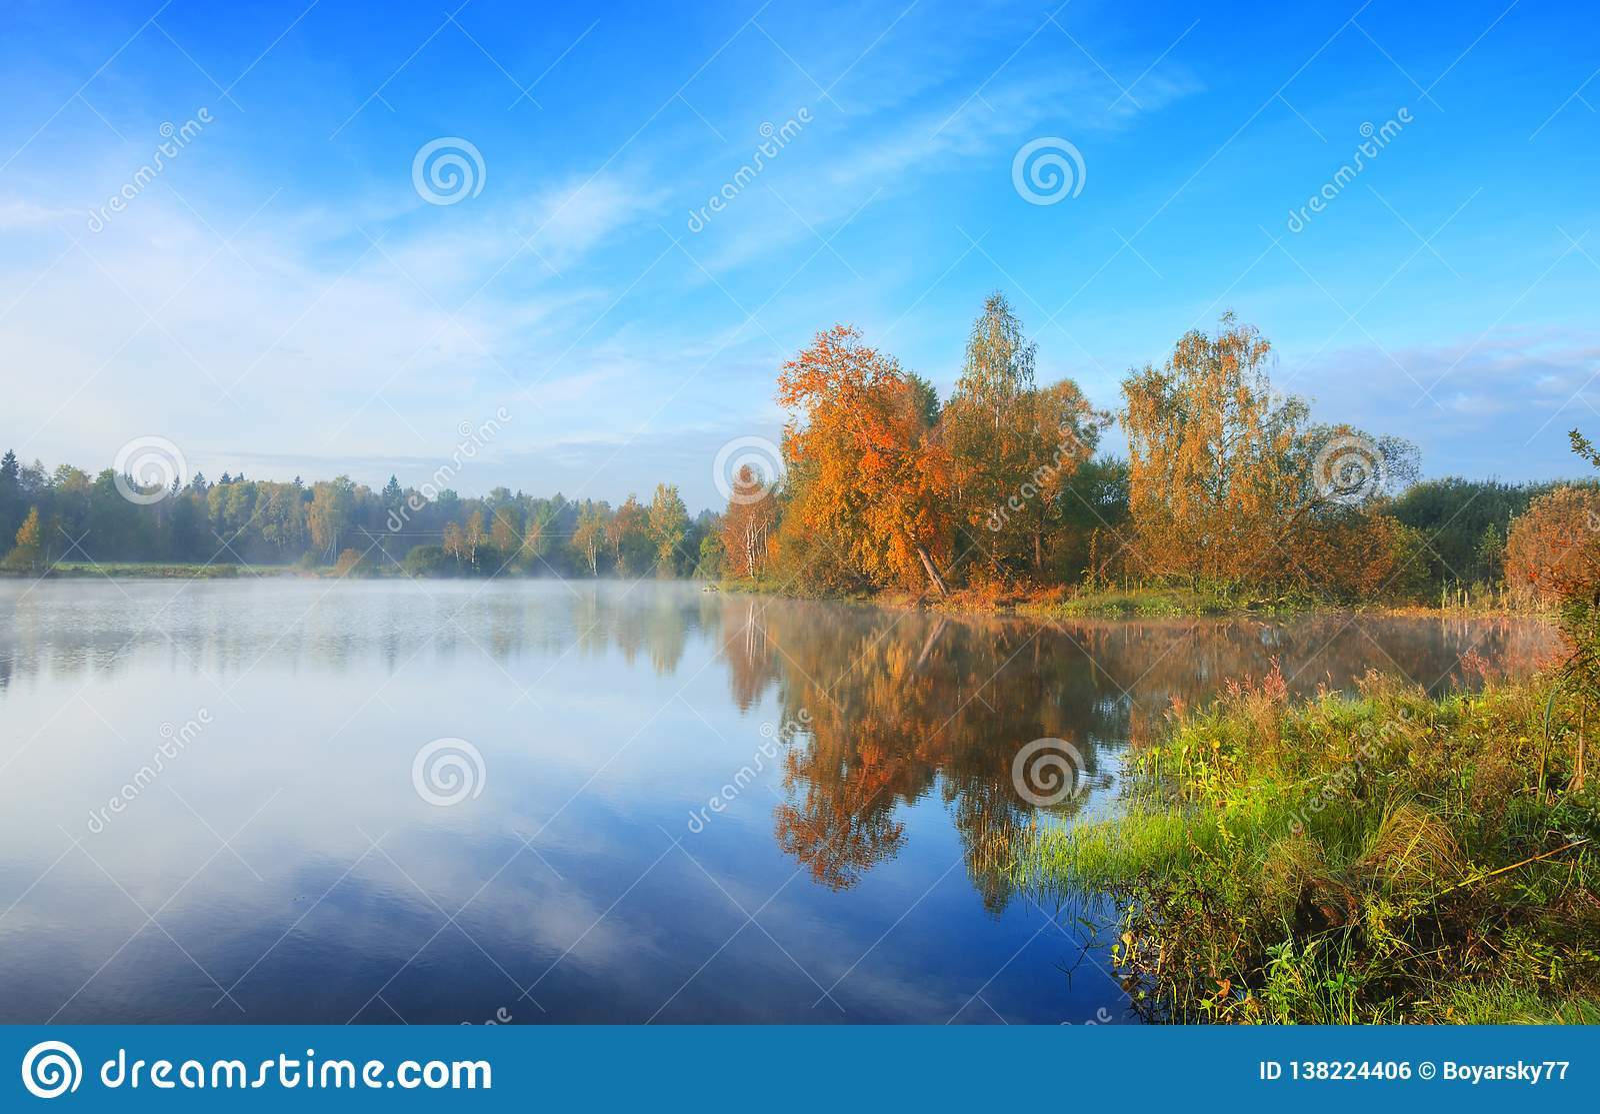 Paisagem nevoenta do outono bonito com as árvores que crescem no banco da lagoa pequena